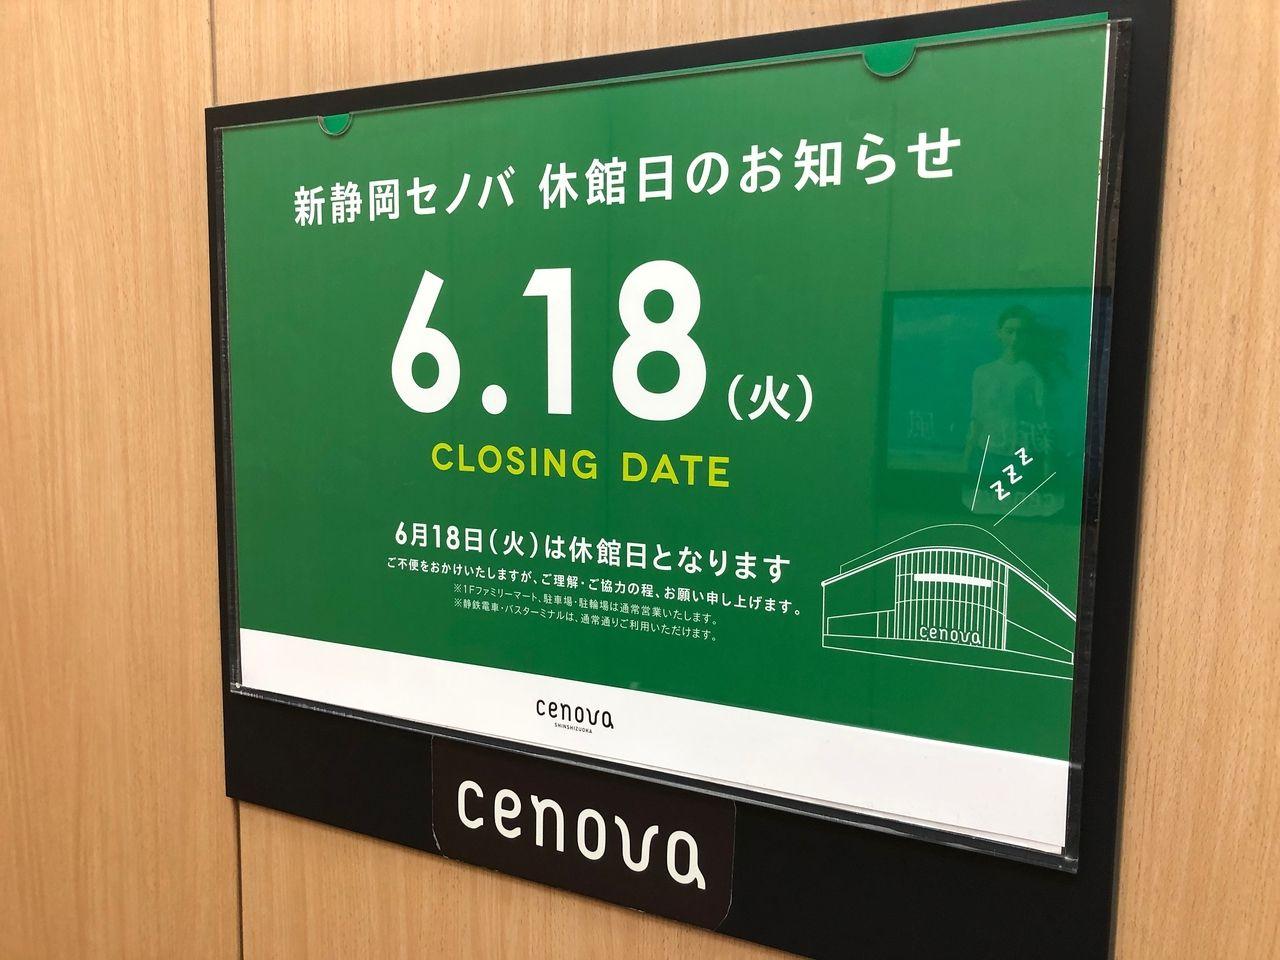 新静岡セノバの2019年6月18日火曜日の休館をお知らせする掲示